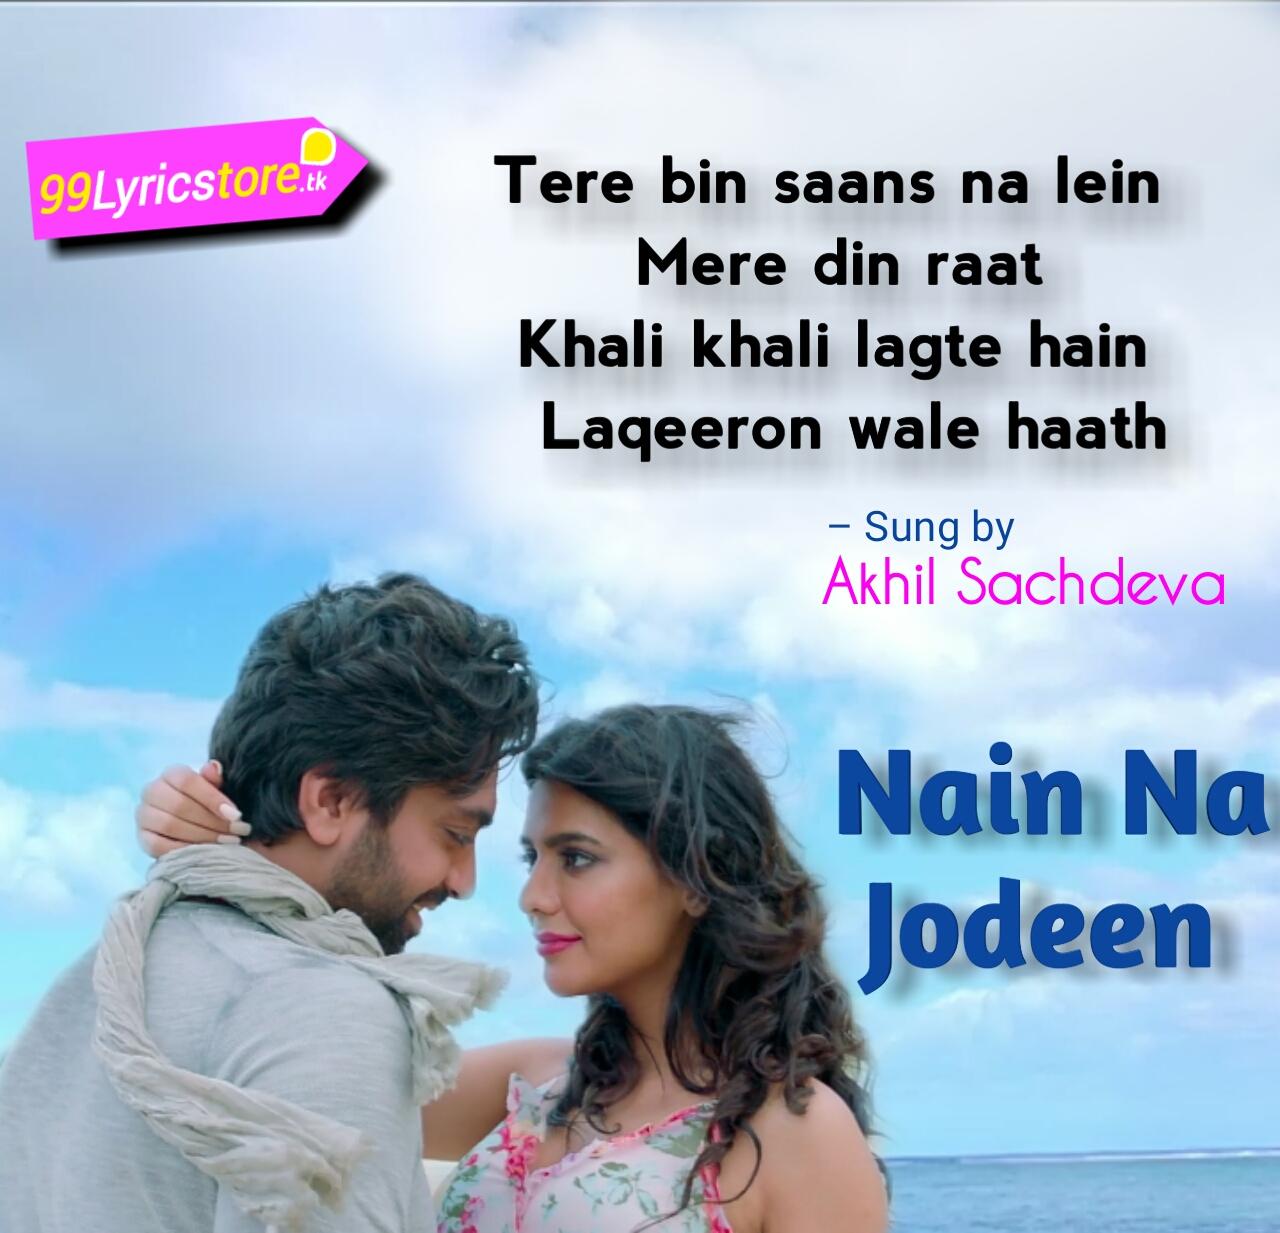 Akhil sachdeva song Lyrics, Ruhi Singh images, Hindi Song Lyrics, Nain Na jodeen song akhil sachdeva version Lyrics, Love Quotes in Hindi